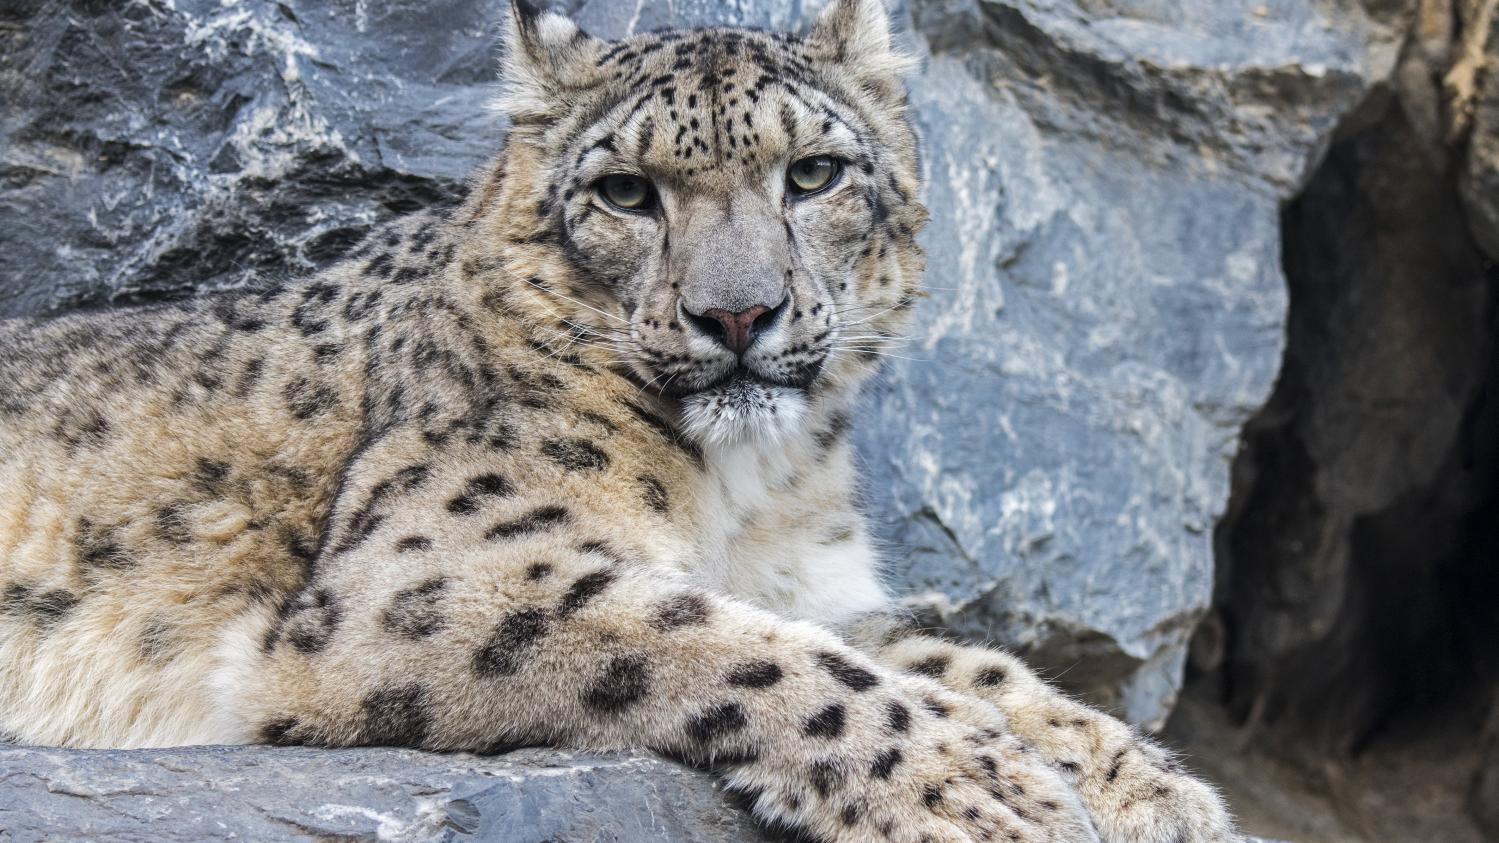 c0959fddac85c Léopards des neiges   les chasseurs devenus protecteurs